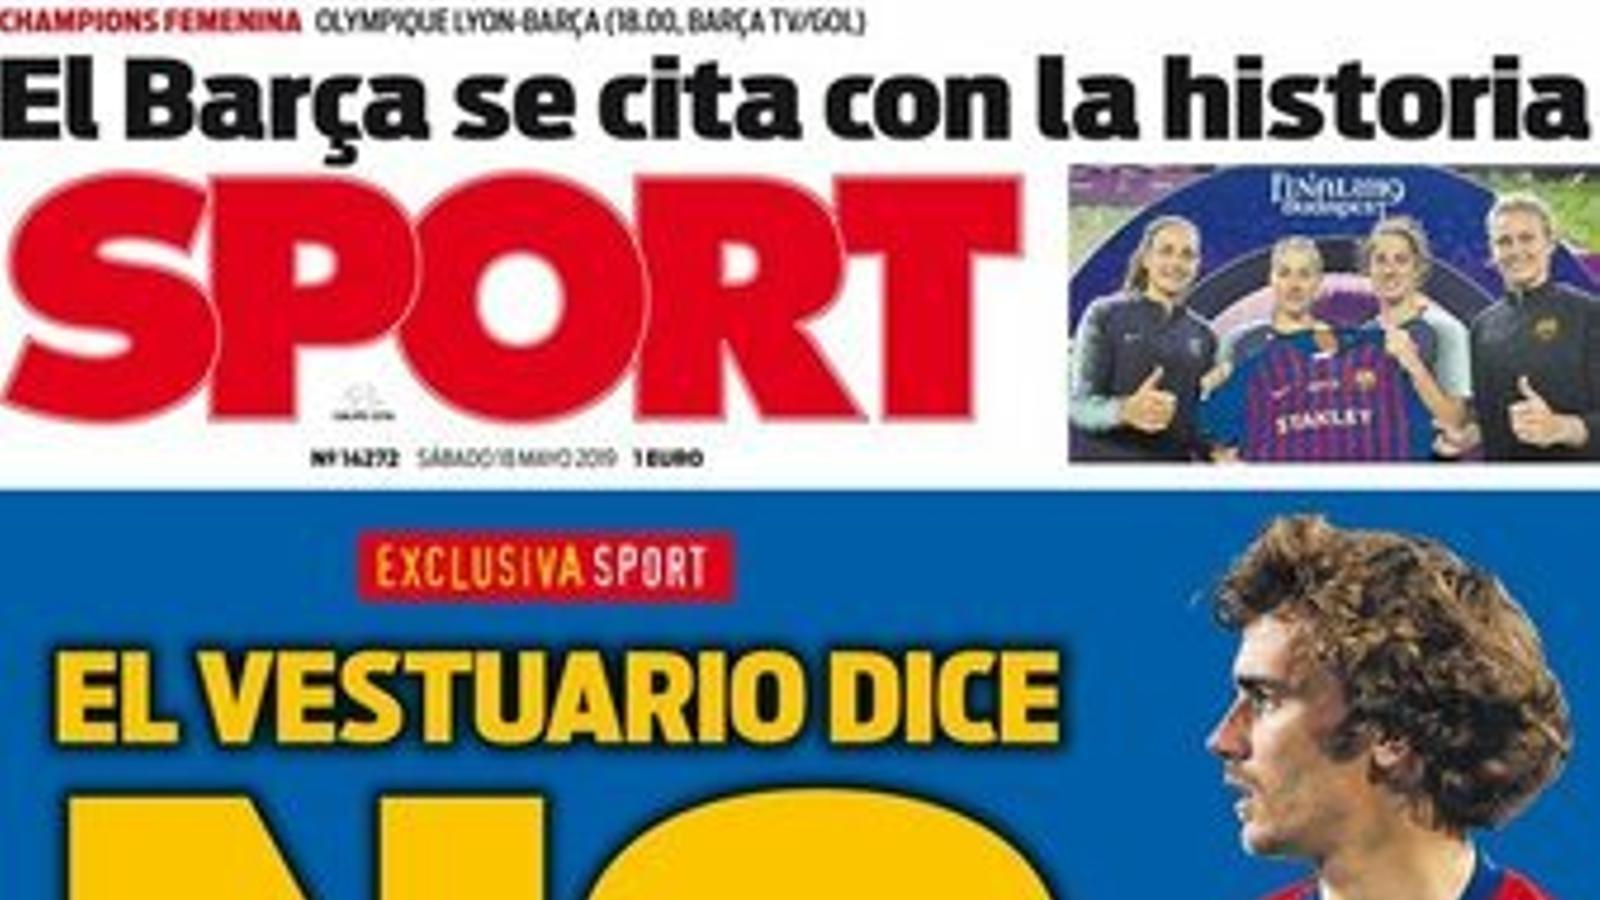 Els jugadors del Barça no volen fitxar Griezmann, segons el diari 'Sport'